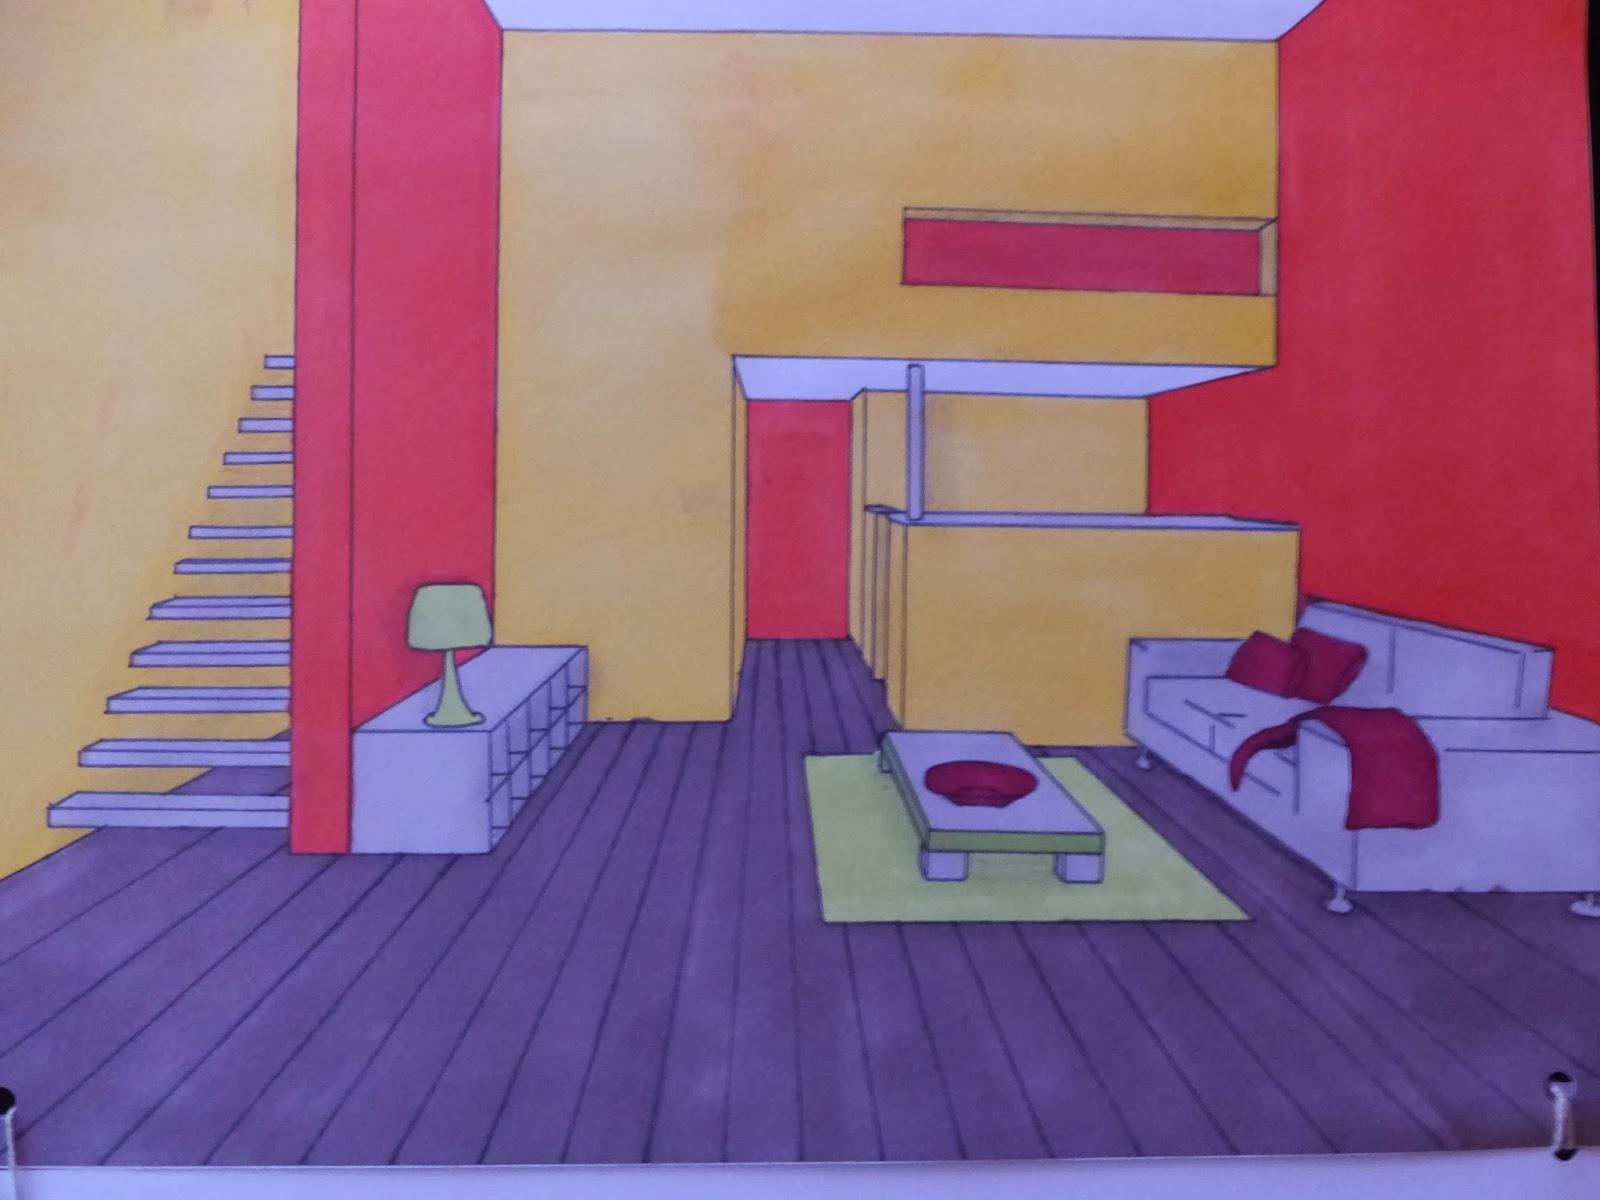 ma formation en d coratrice d 39 int rieur devoir n 1 agencement et d coration de l 39 habitat. Black Bedroom Furniture Sets. Home Design Ideas